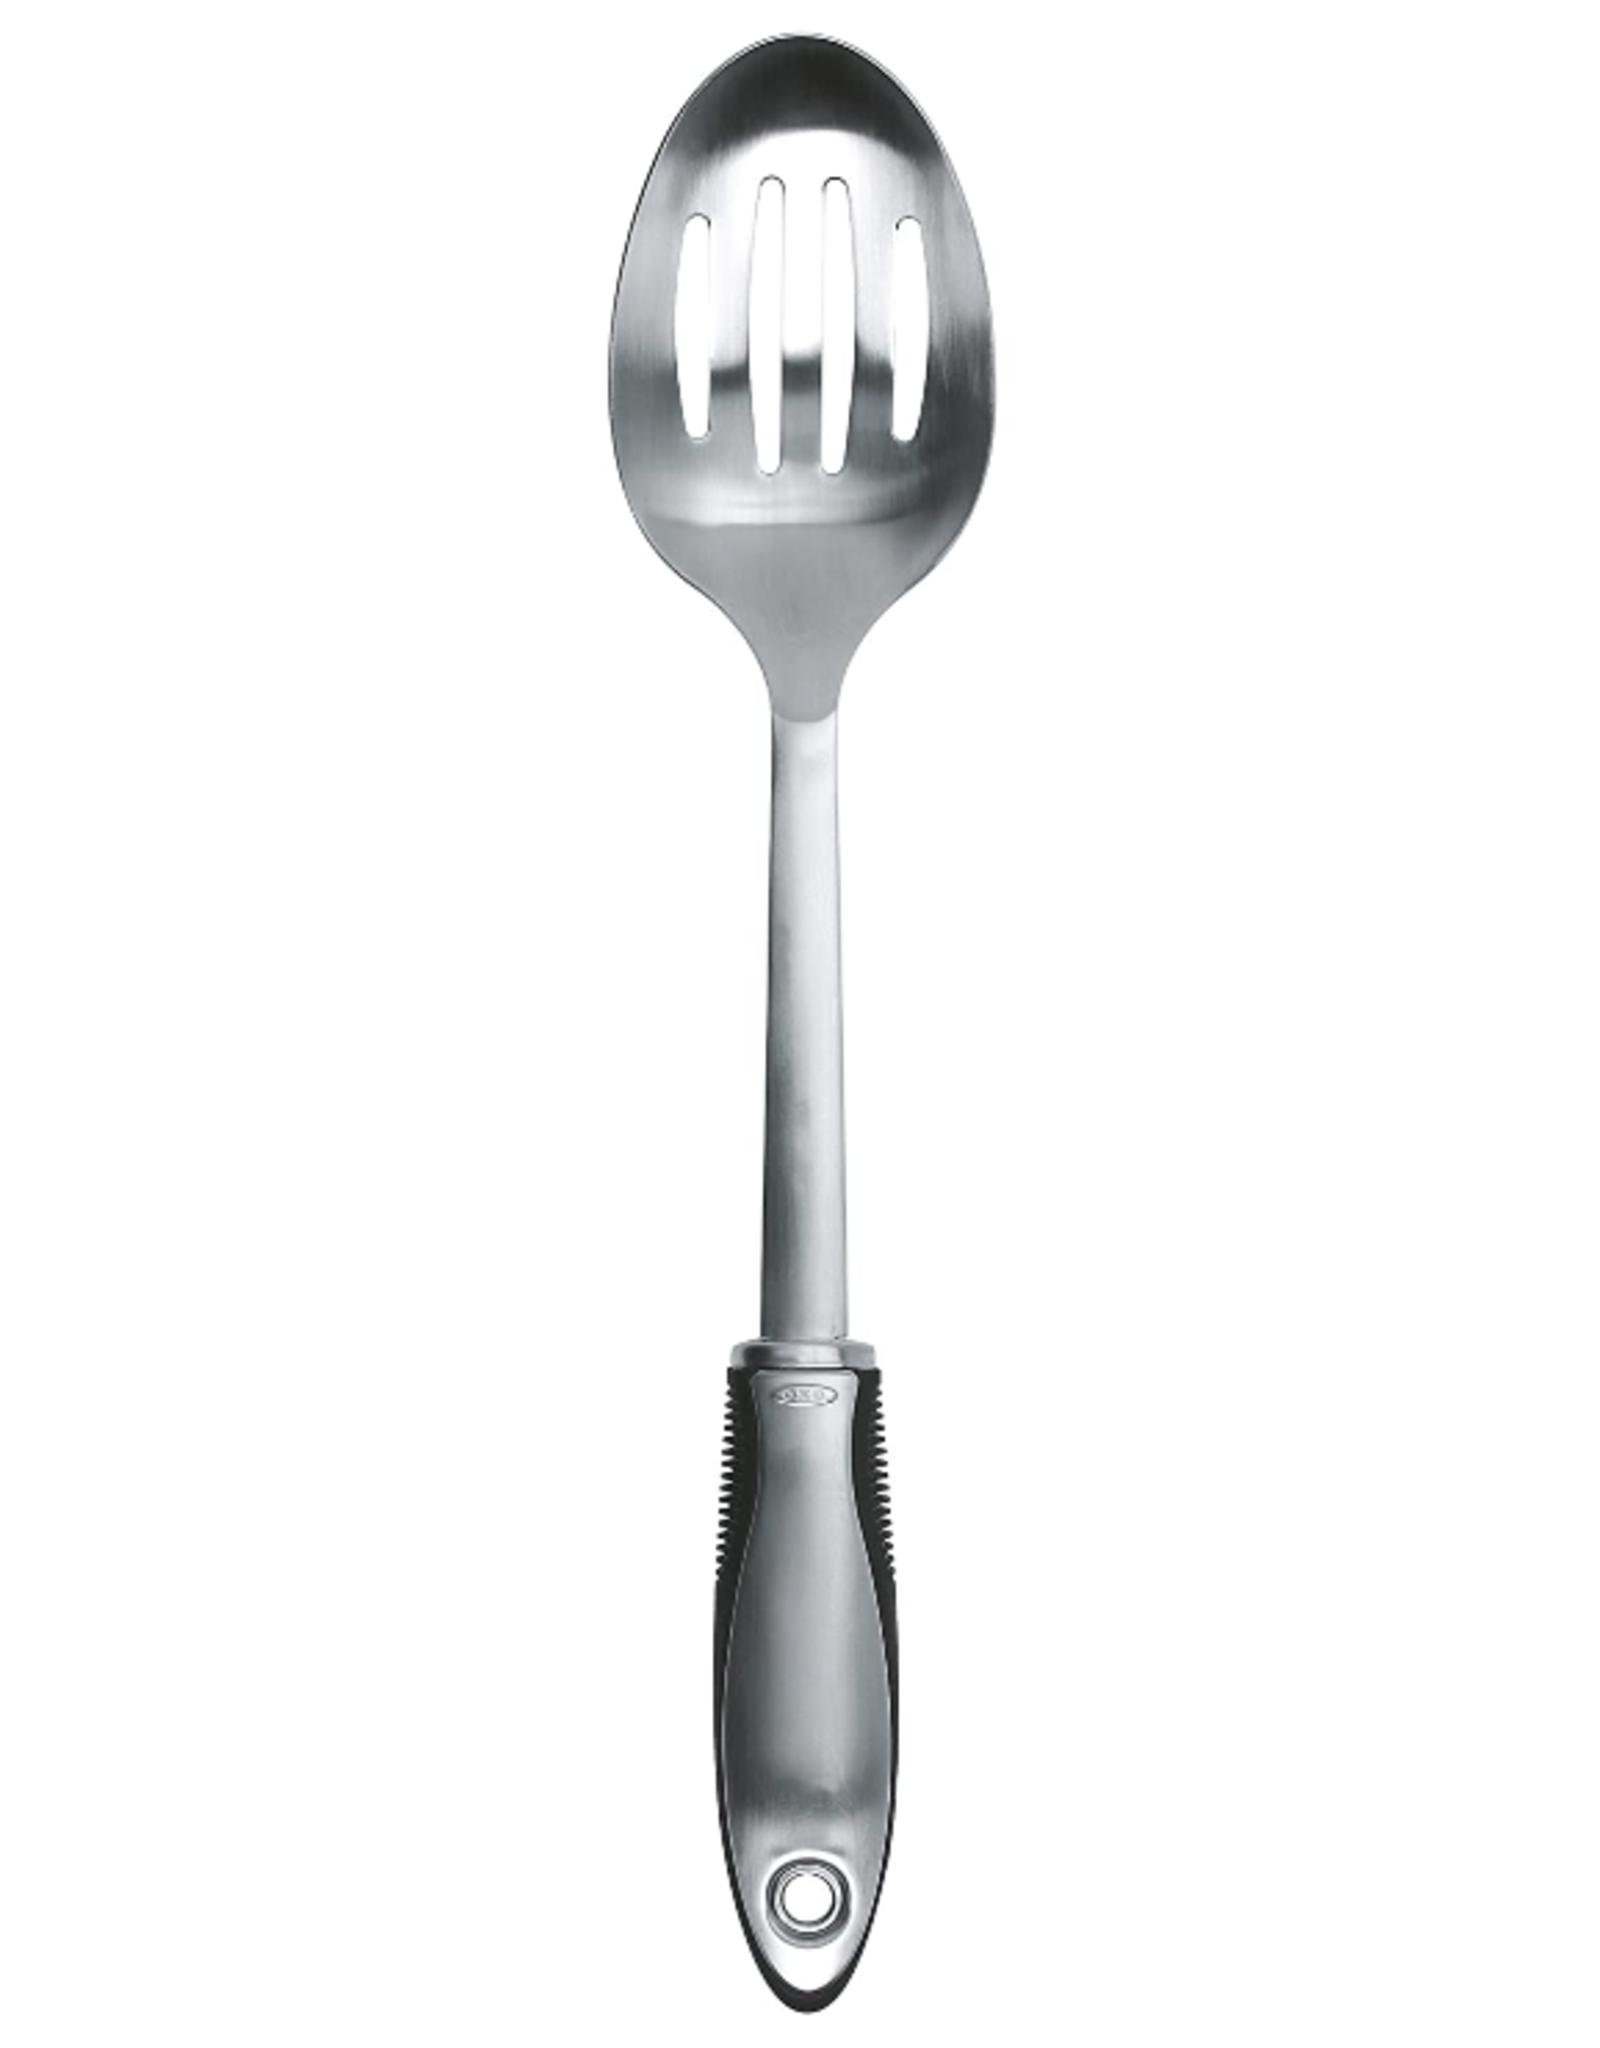 OXO OXO Steel Slotted Spoon